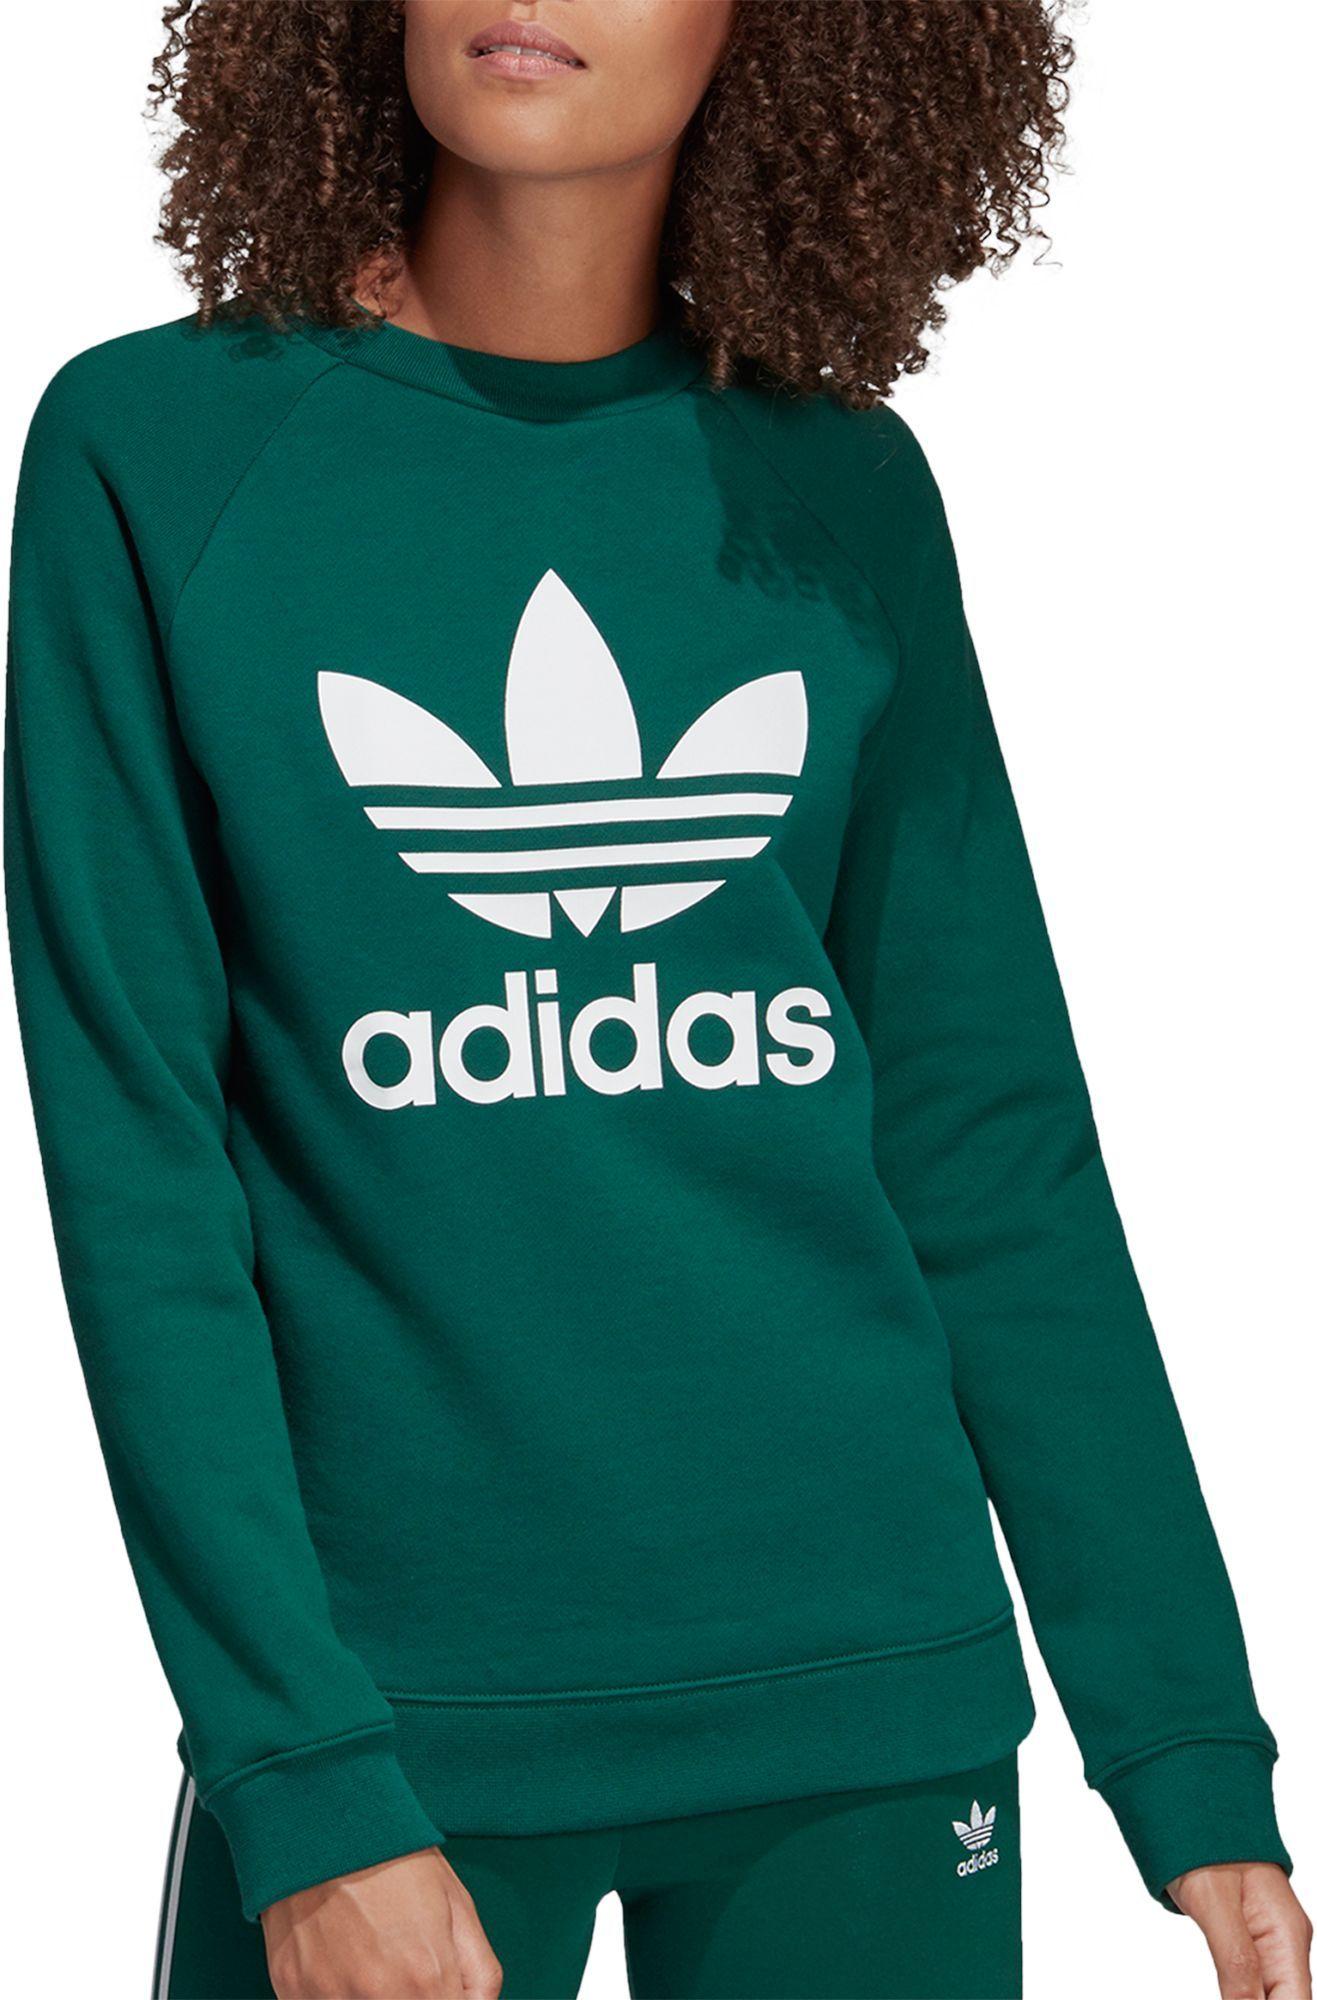 Adidas Originals Women S Trefoil Crew Sweatshirt In 2020 Adidas Sweatshirt Women Adidas Originals Women Sweatshirts [ 2000 x 1317 Pixel ]